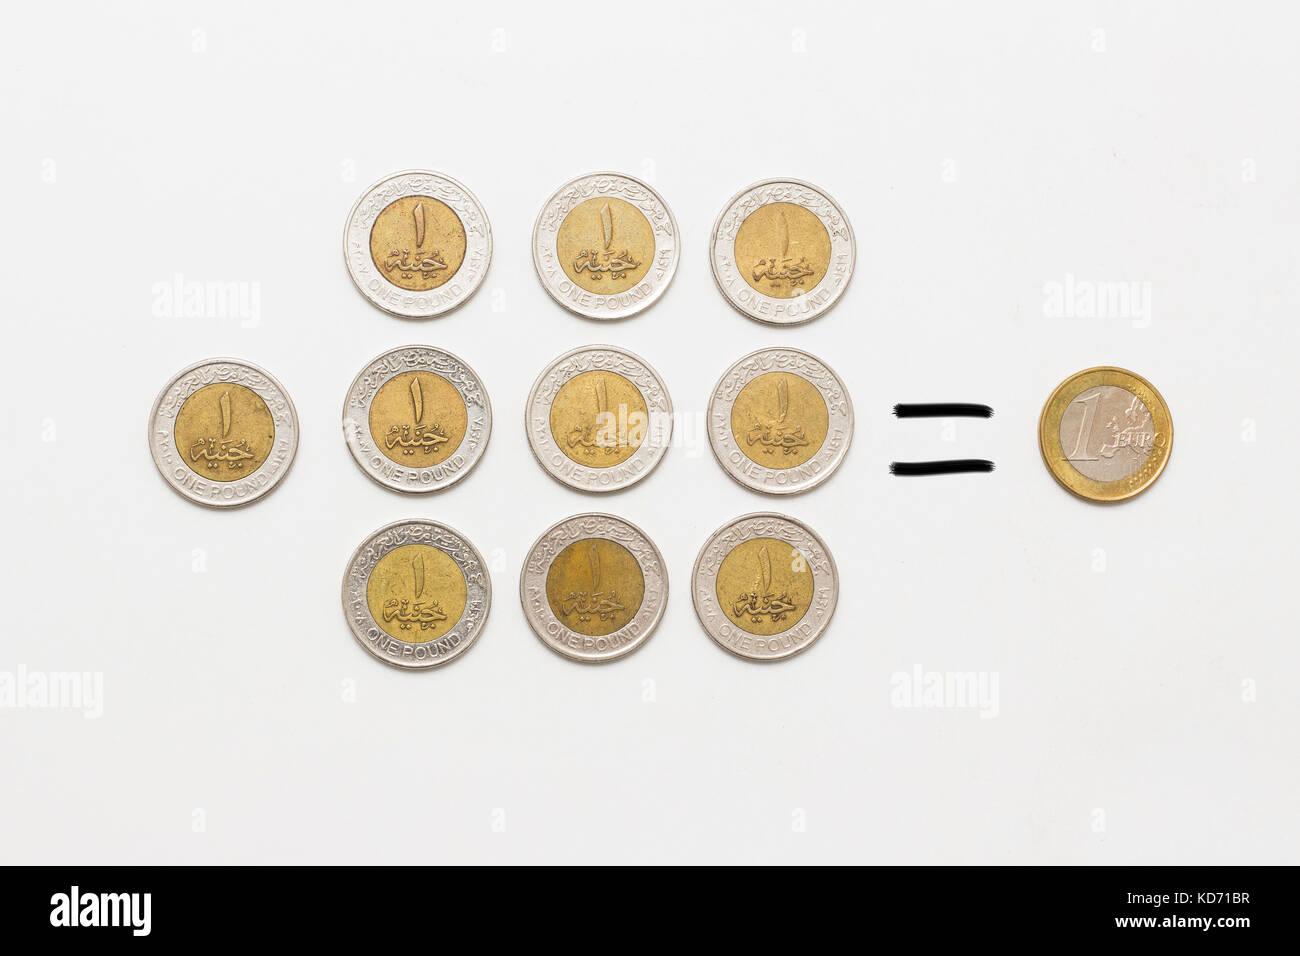 Wie Viel Sind 50 Pfund In Euro